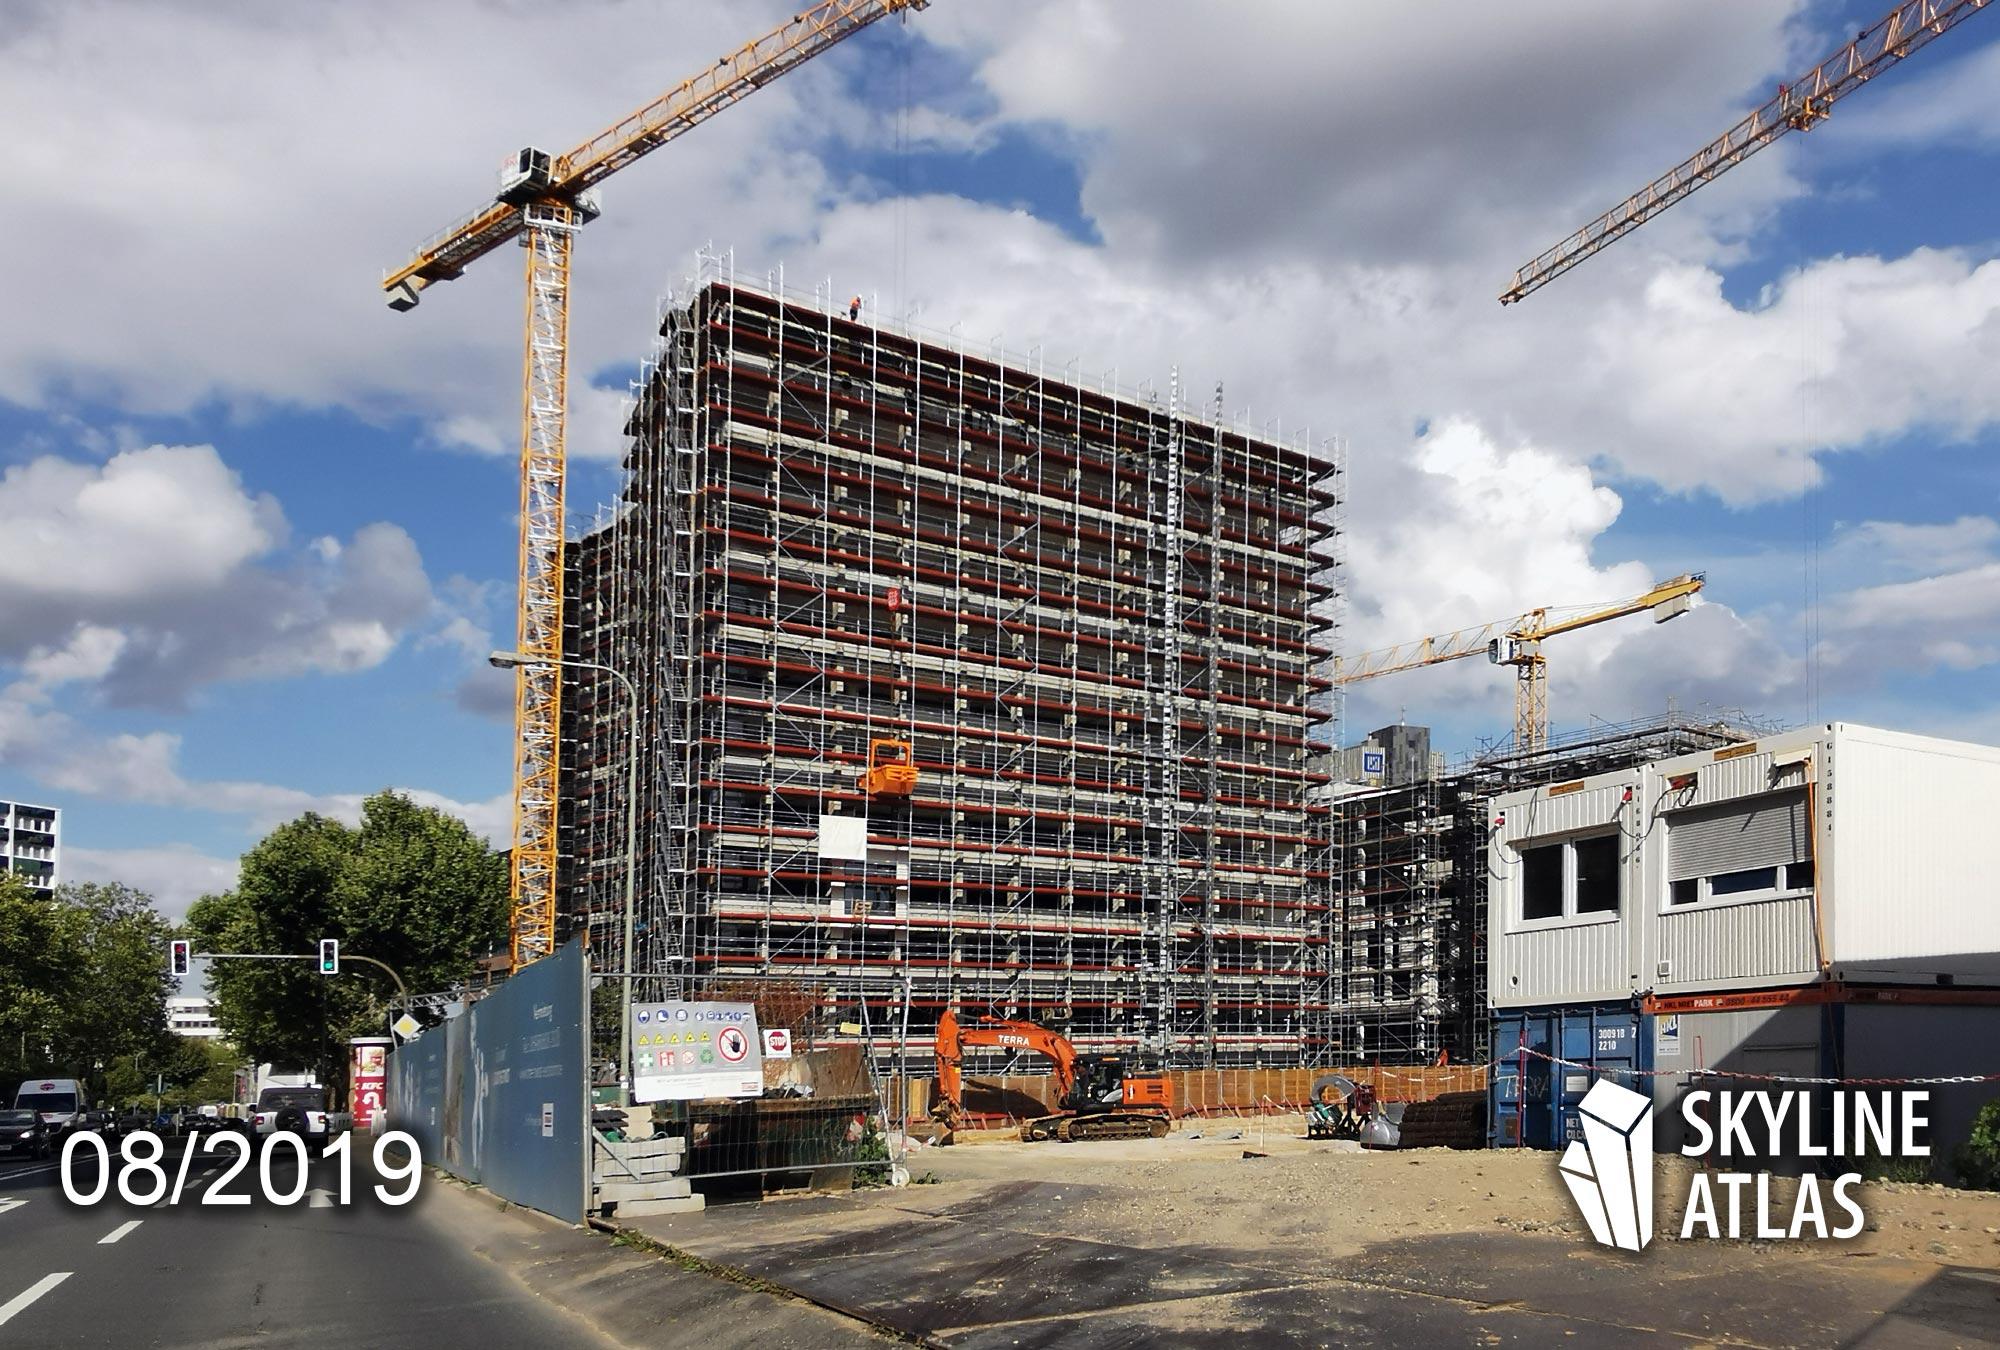 Sky Eschborn - Bürogebäude Eschborn - Büros Eschborn - Büroimmobilie im Wirtschaftszentrum im Bau - Bürohaus im August 2019